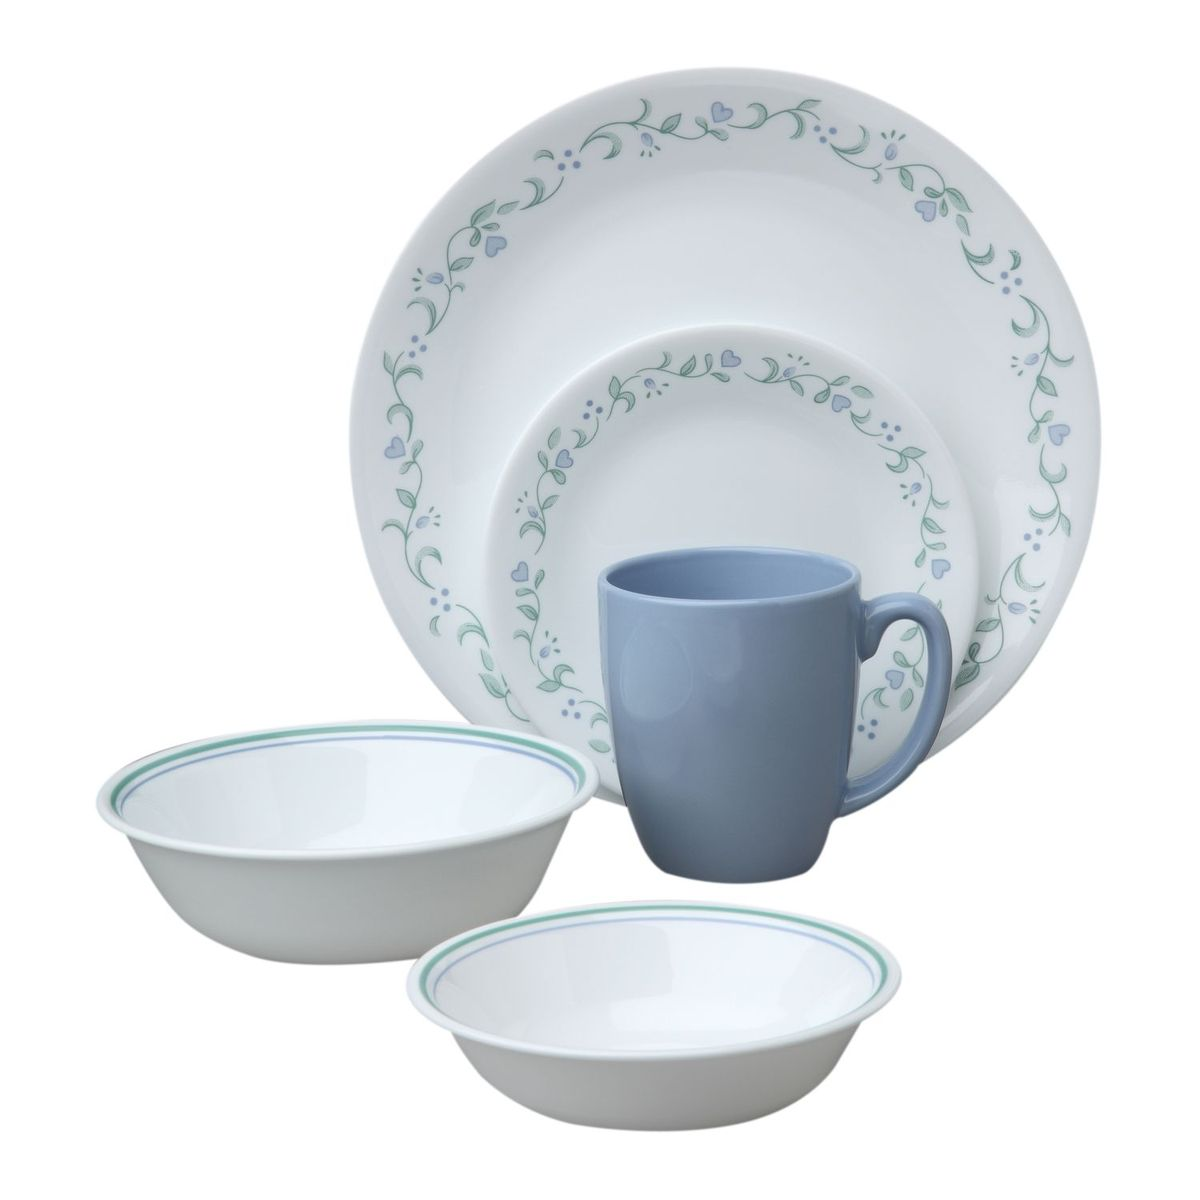 Набор посуды Country Cottage 30пр, цвет: белый с узором1088658Преимуществами посуды Corelle являются долговечность, красота и безопасность в использовании. Вся посуда Corelle изготавливается из высококачественного ударопрочного трехслойного стекла Vitrelle и украшена деколями американских и европейских дизайнеров. Рисунки не стираются и не царапаются, не теряют свою яркость на протяжении многих лет. Посуда Corelle не впитывает запахов и очень долгое время выглядит как новая. Уникальная эмаль, используемая во время декорирования, фактически становится единым целым с поверхностью стекла, что гарантирует долгое сохранение нанесенного рисунка. Еще одним из главных преимуществ посуды Corelle является ее безопасность. В производстве используются только безопасные для пищи пигменты эмали, при производстве посуды не применяется вредный для здоровья человека меламин. Изделия из материала Vitrelle: Прочные и легкие; Выдерживают температуру до 180С; Могут использоваться в посудомоечной машине и микроволновой печи; Штабелируемые; Устойчивы к царапинам; Ударопрочные; Не содержит меламин.6 обеденных тарелок 26 см; 6 десертных тарелок 17 см; 6 суповых тарелок 440 мл; 6 суповых тарелок 530 мл; 6 фарфоровых кружек 313 мл